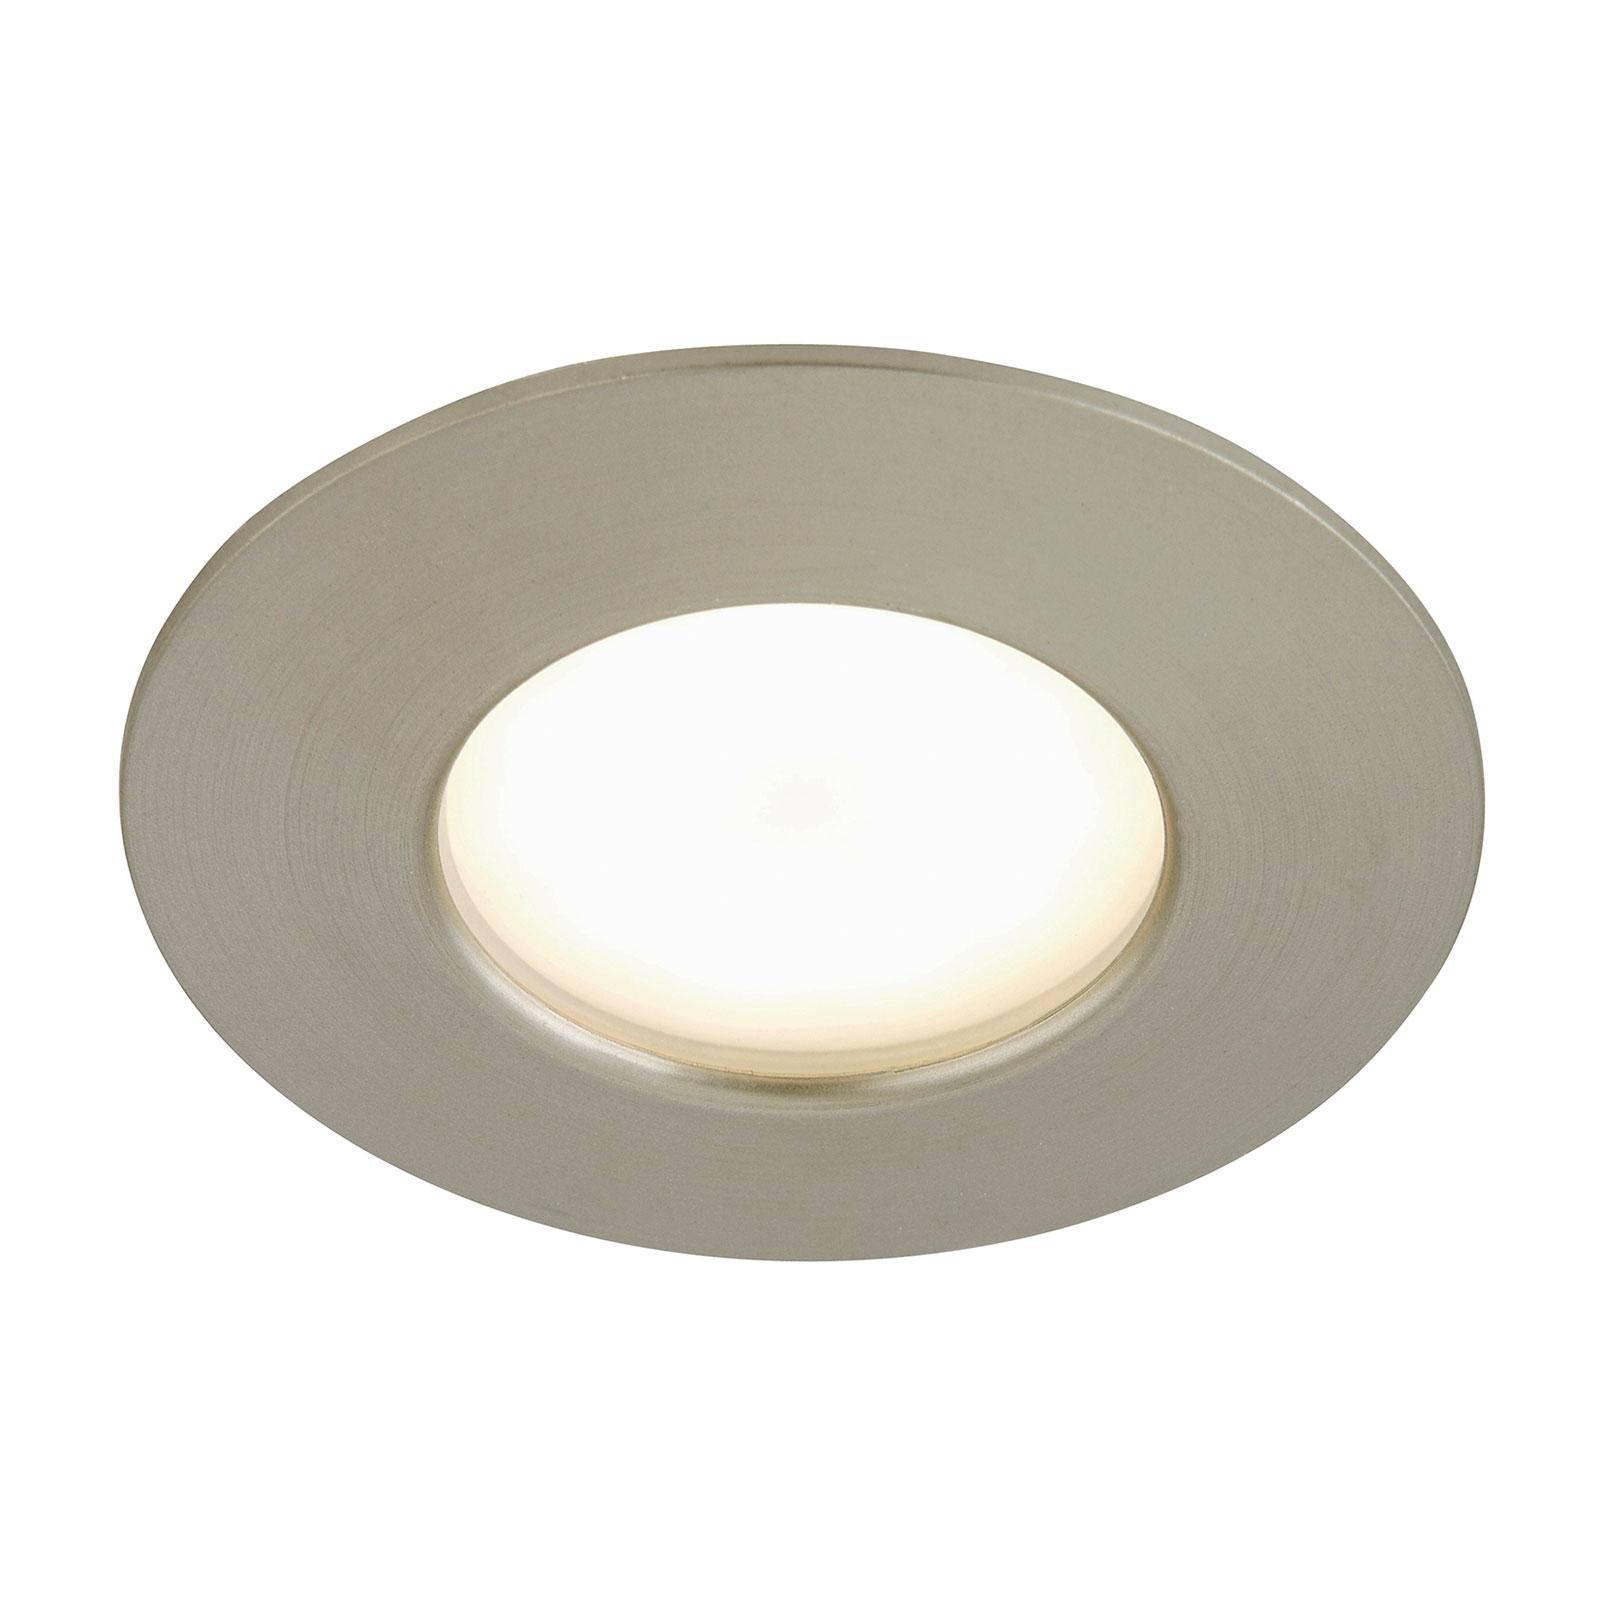 Felia - lámpara empotrada LED IP44, níquel mate